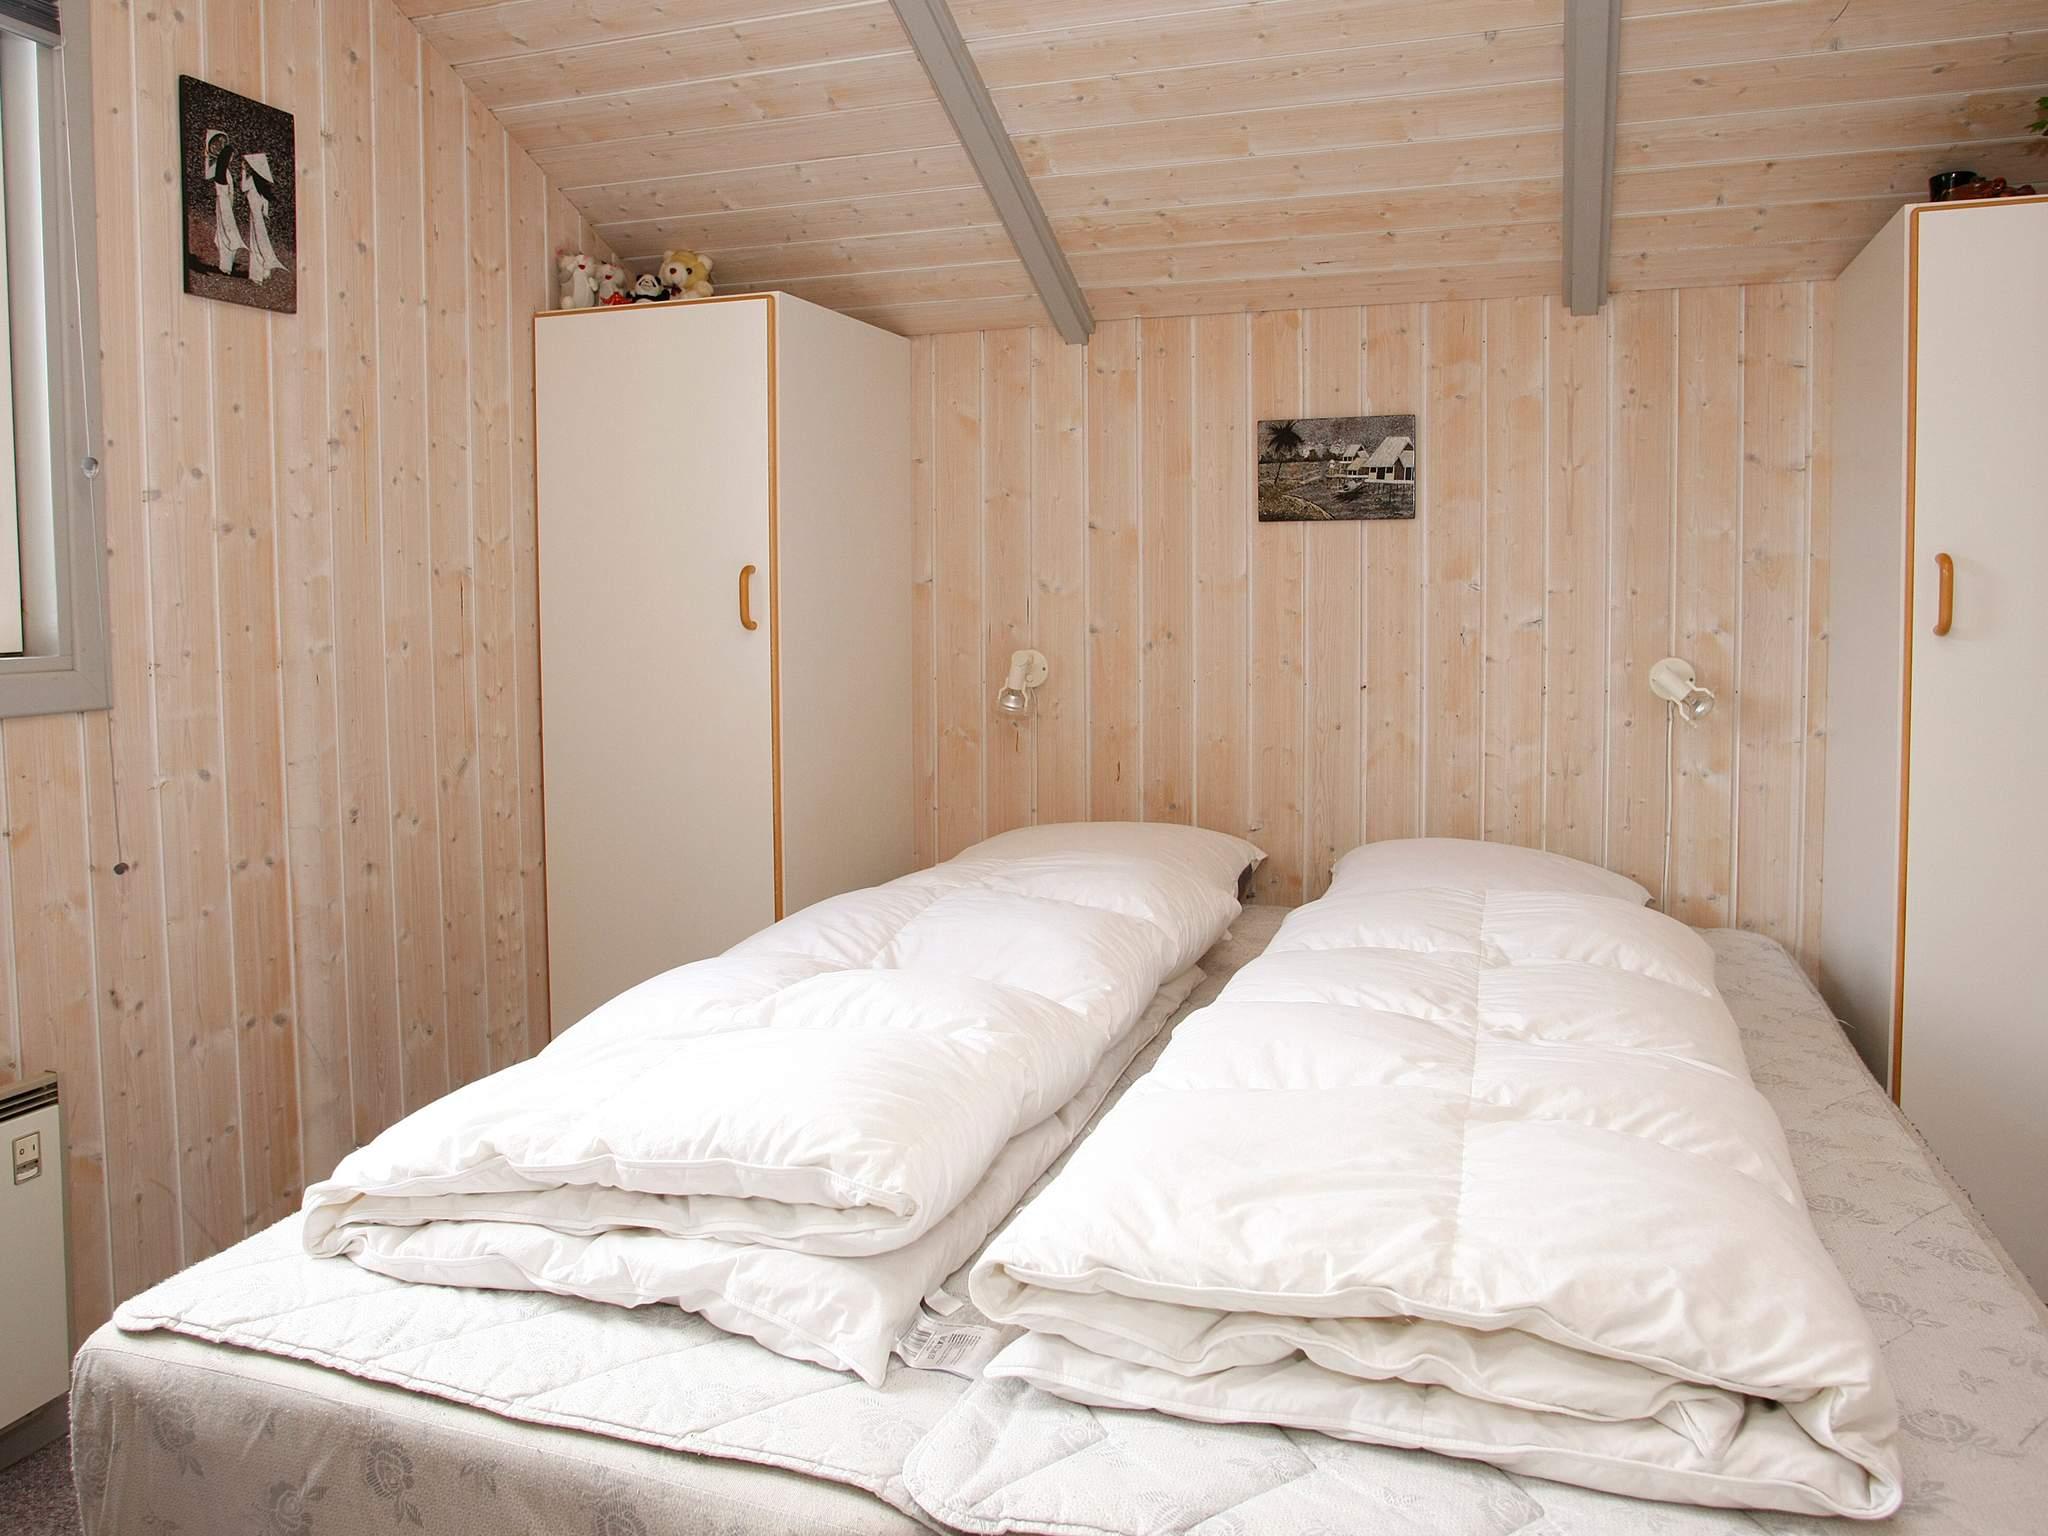 Ferienhaus Louns (82210), Farsø, , Limfjord, Dänemark, Bild 7